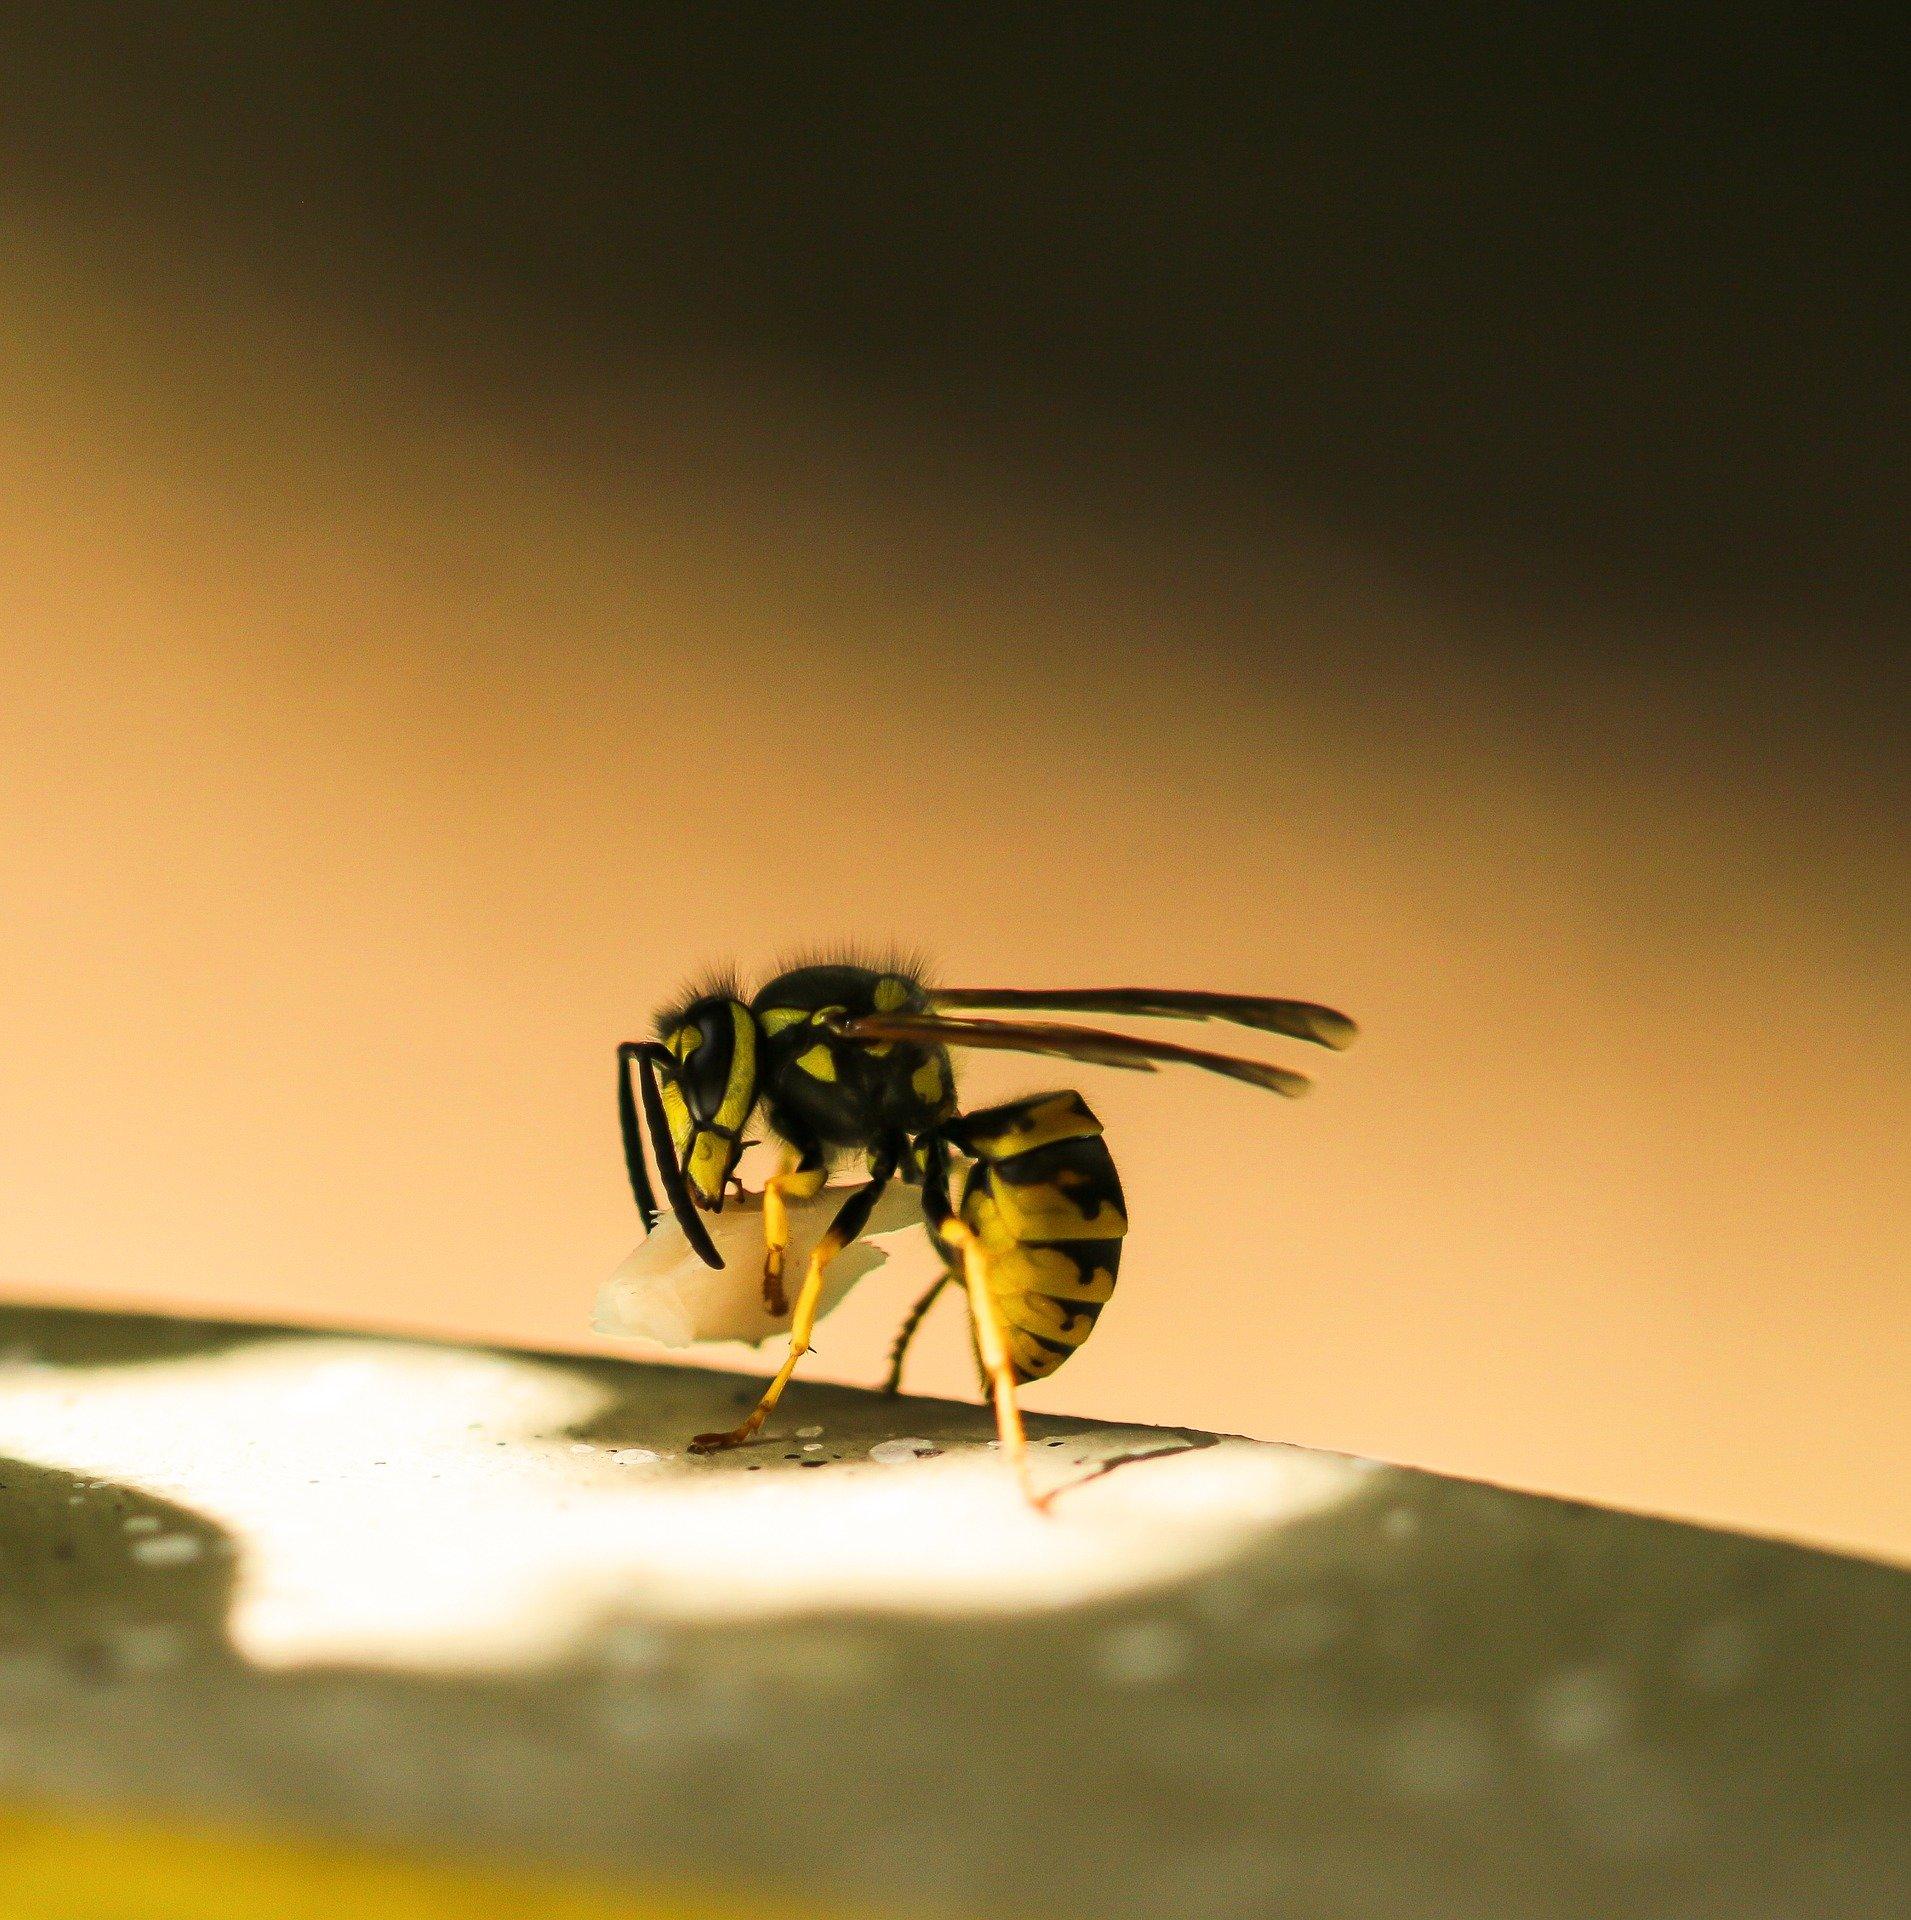 Trapdoor spider 'stunt double' study reveals summer wasp threat